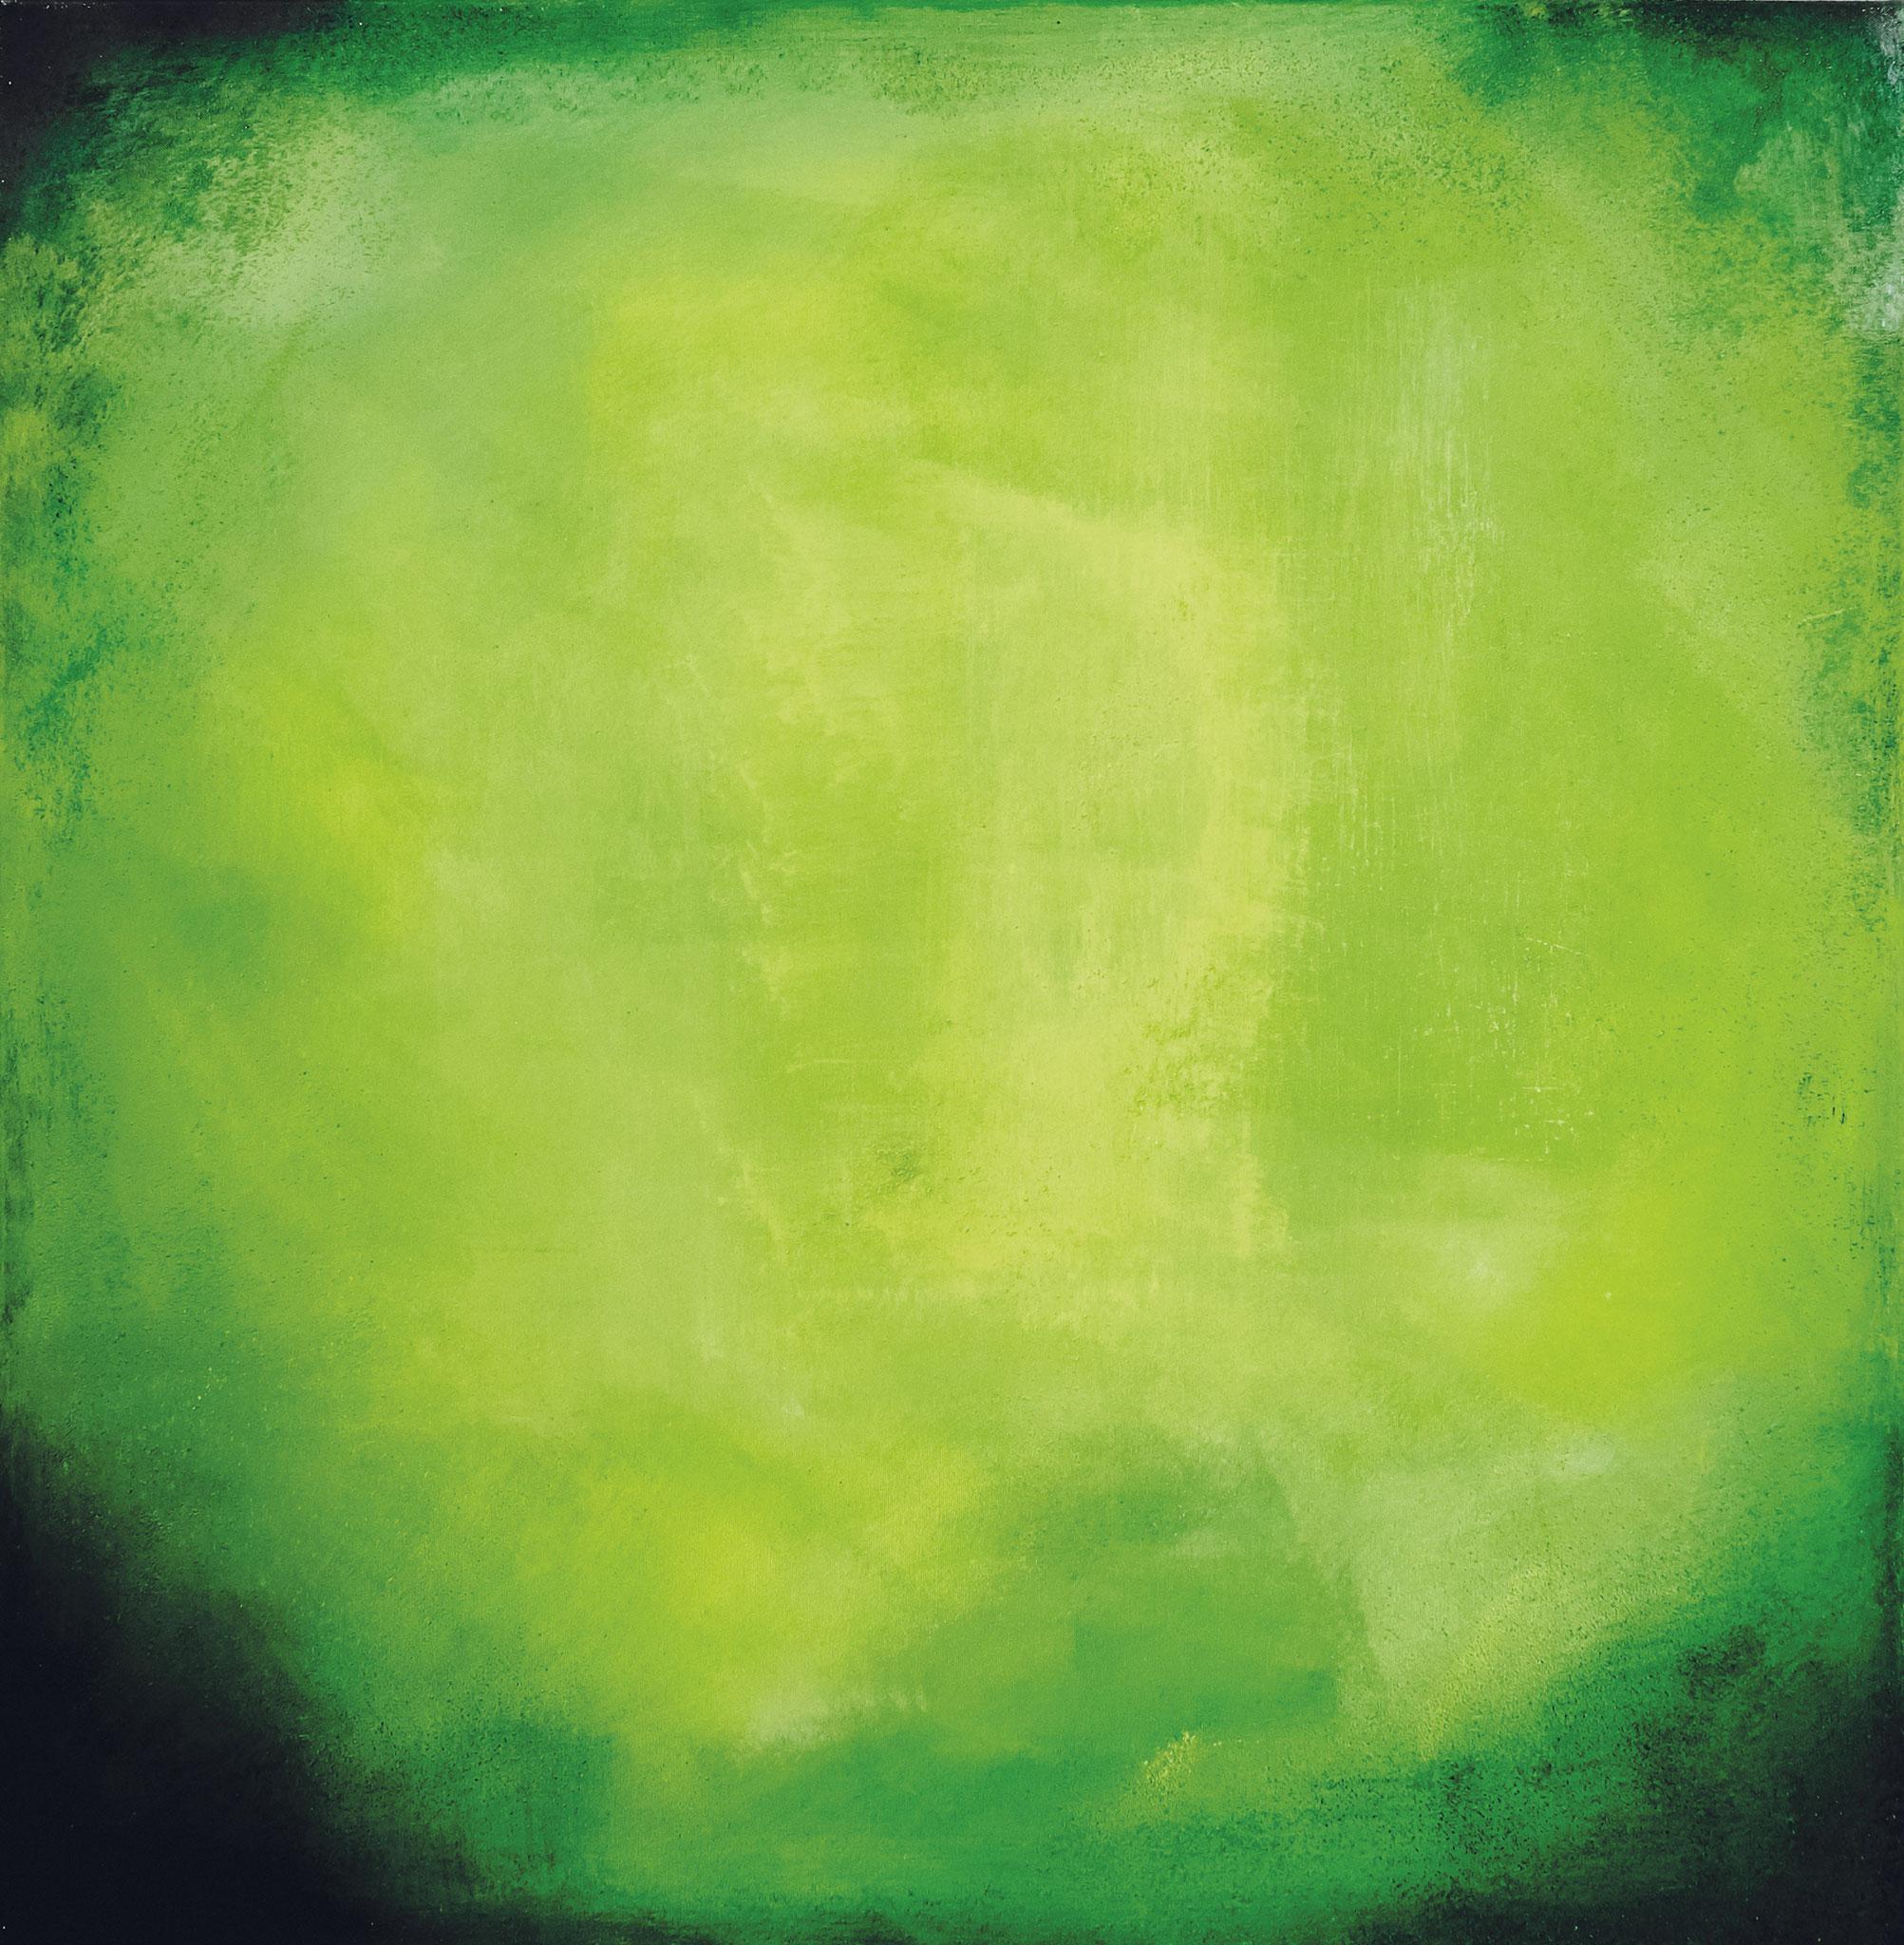 ›Hope‹, Acryl auf Leinwand, 100 x 100 cm, 2016